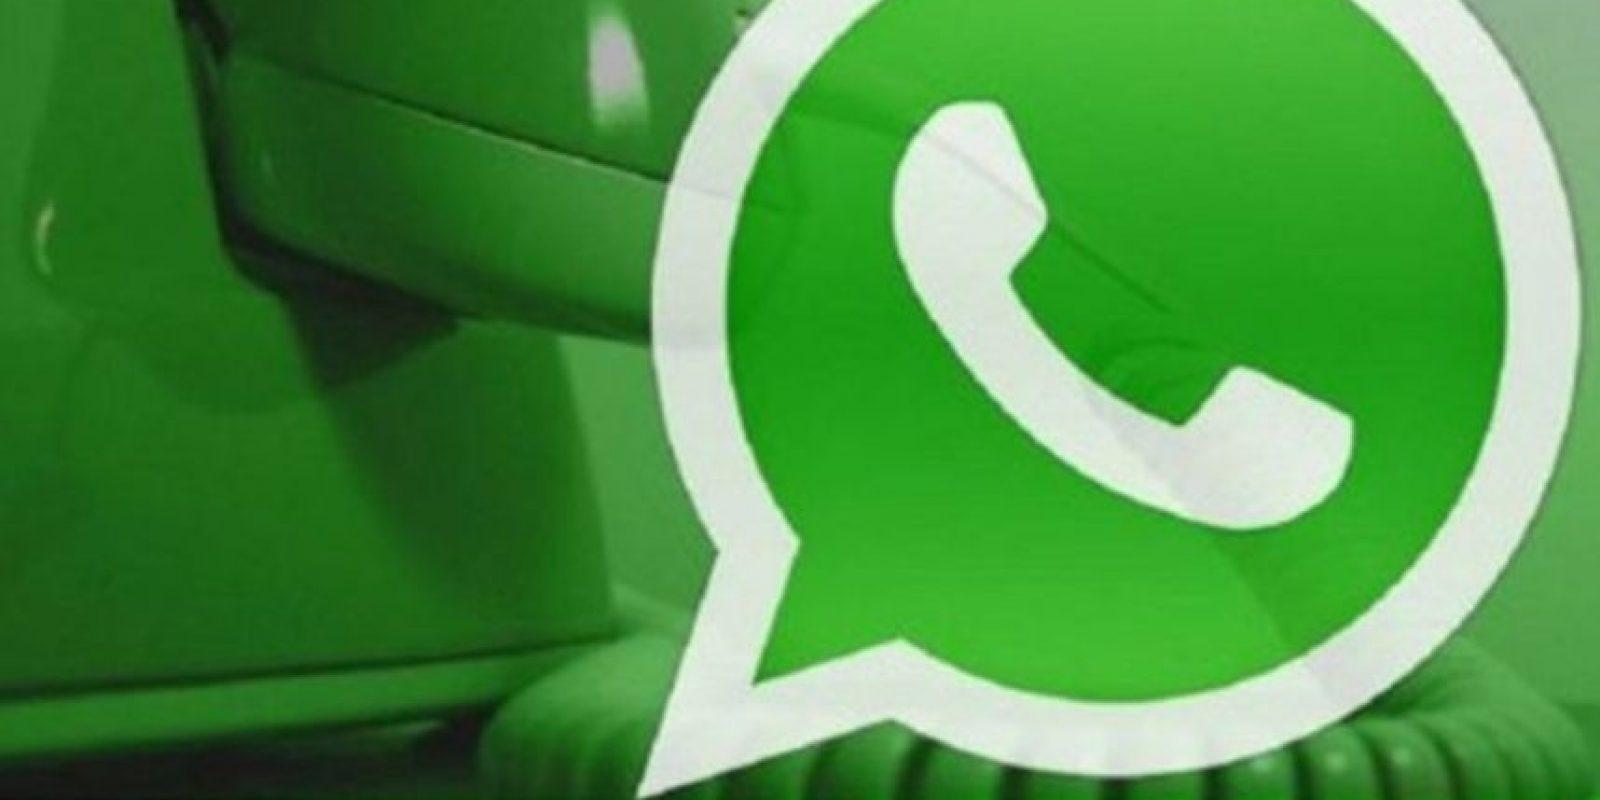 4- Deben tener la más reciente versión de WhatsApp para hacer llamadas. Foto:Pinterest